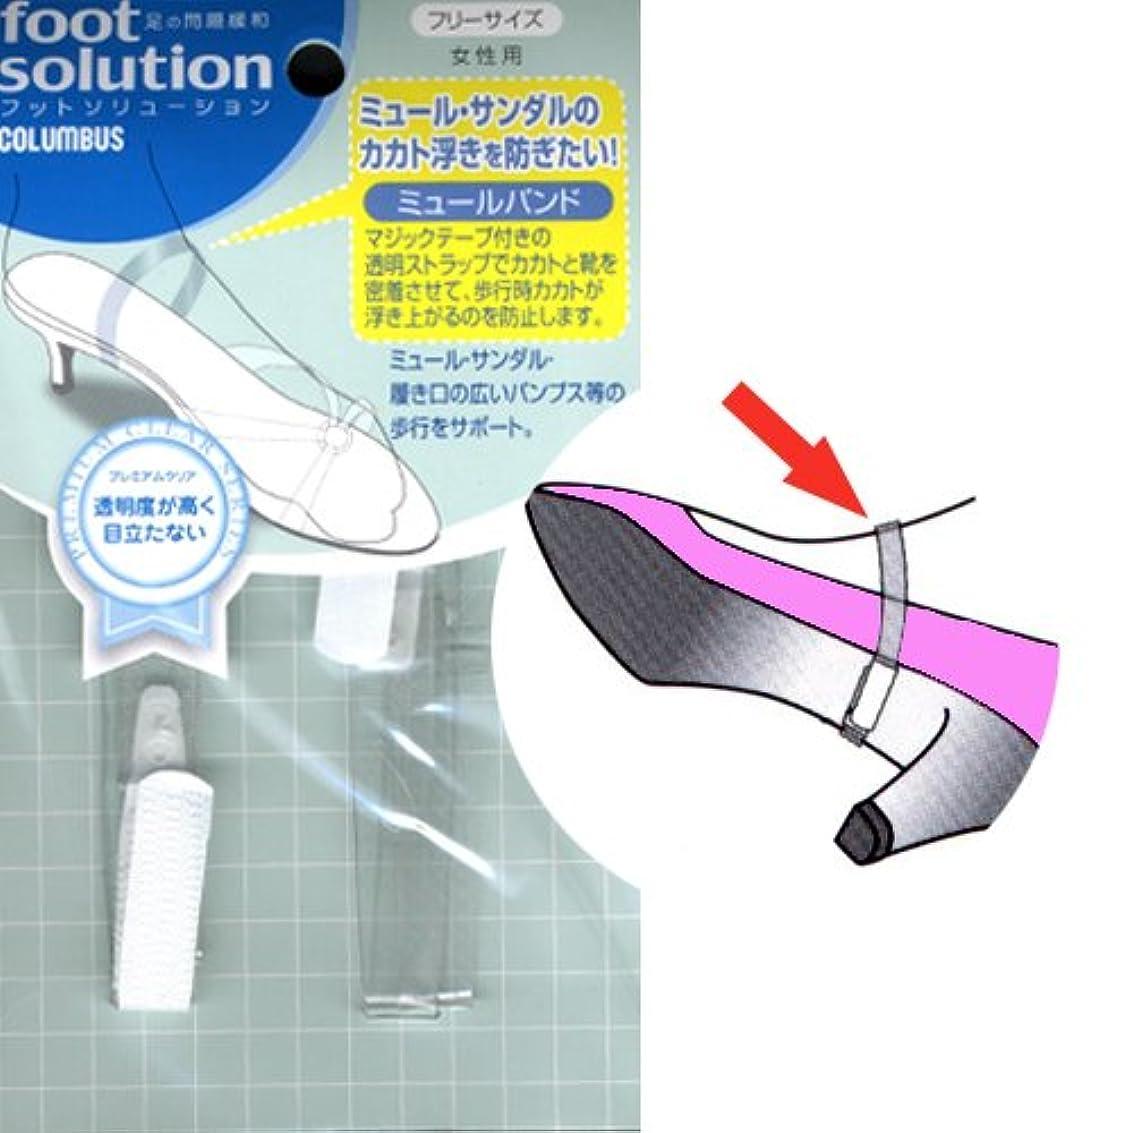 空気誓約リファインフットソリューション(footsolution) ミュールバンド レギュラーサイズ#80